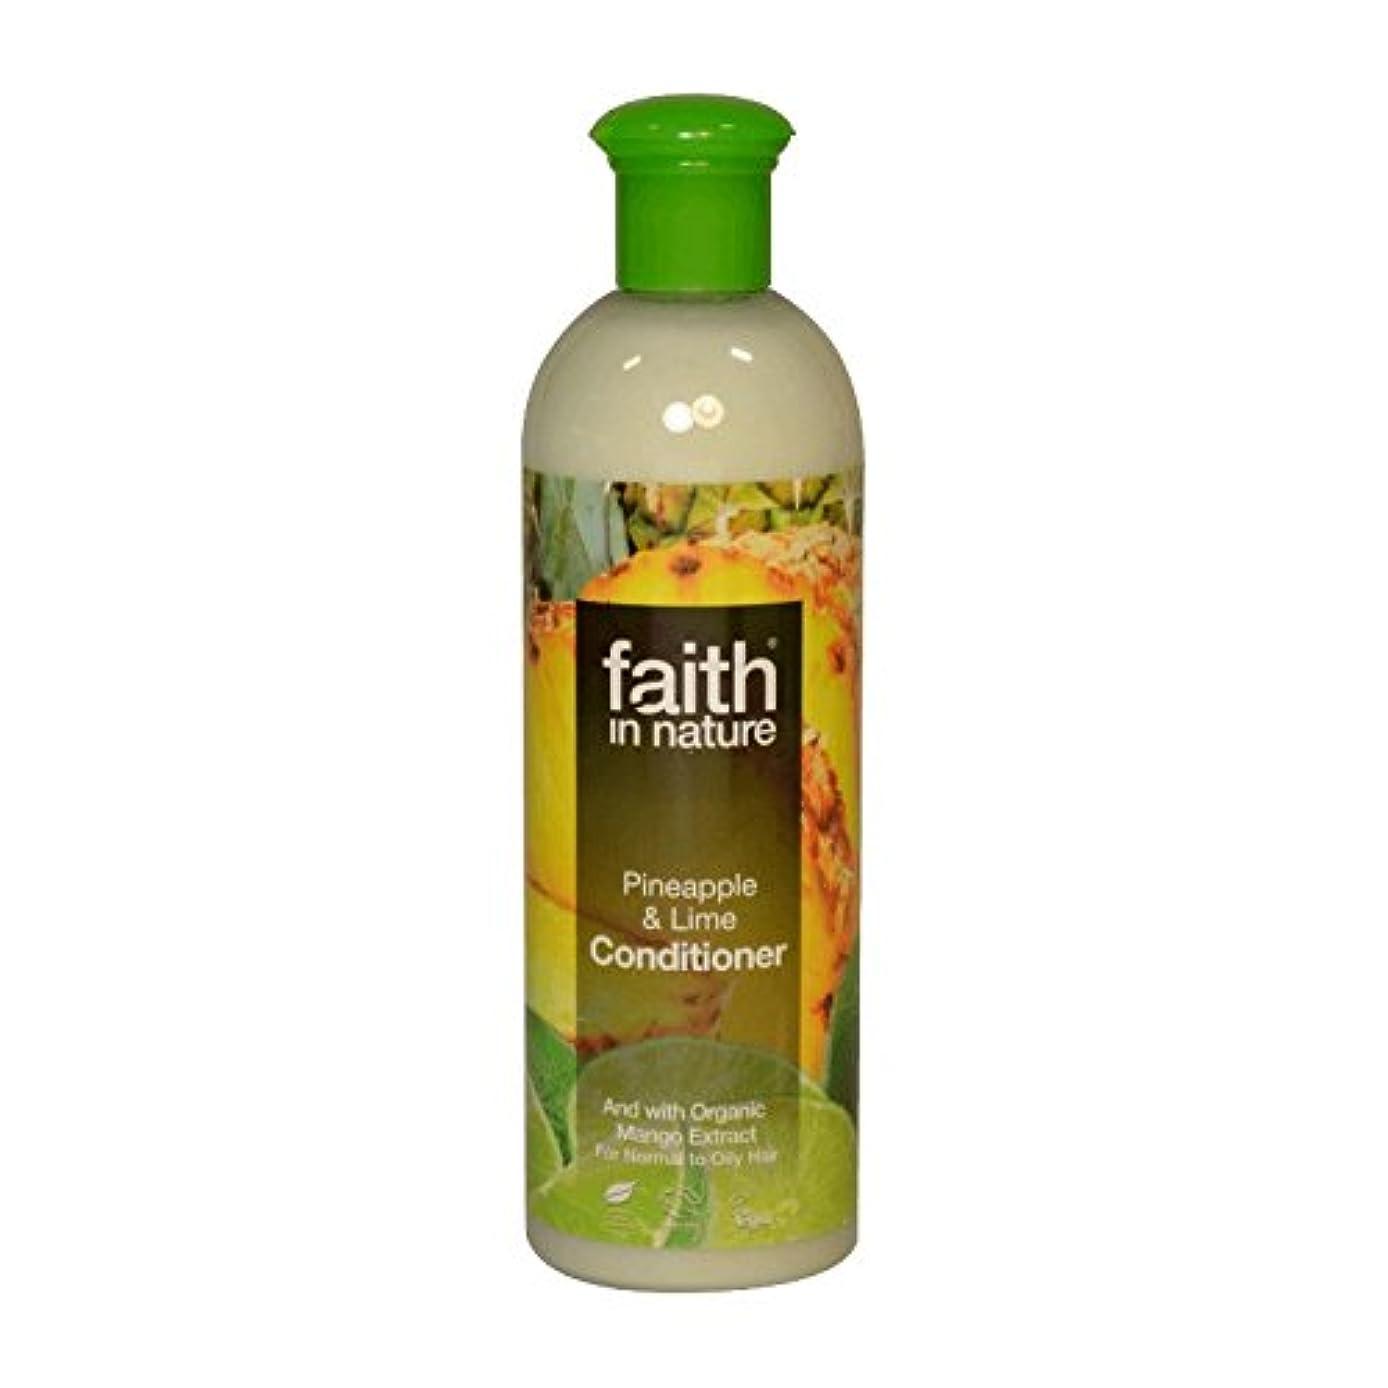 うがい小さな珍味自然パイナップル&ライムコンディショナー400ミリリットルの信仰 - Faith in Nature Pineapple & Lime Conditioner 400ml (Faith in Nature) [並行輸入品]